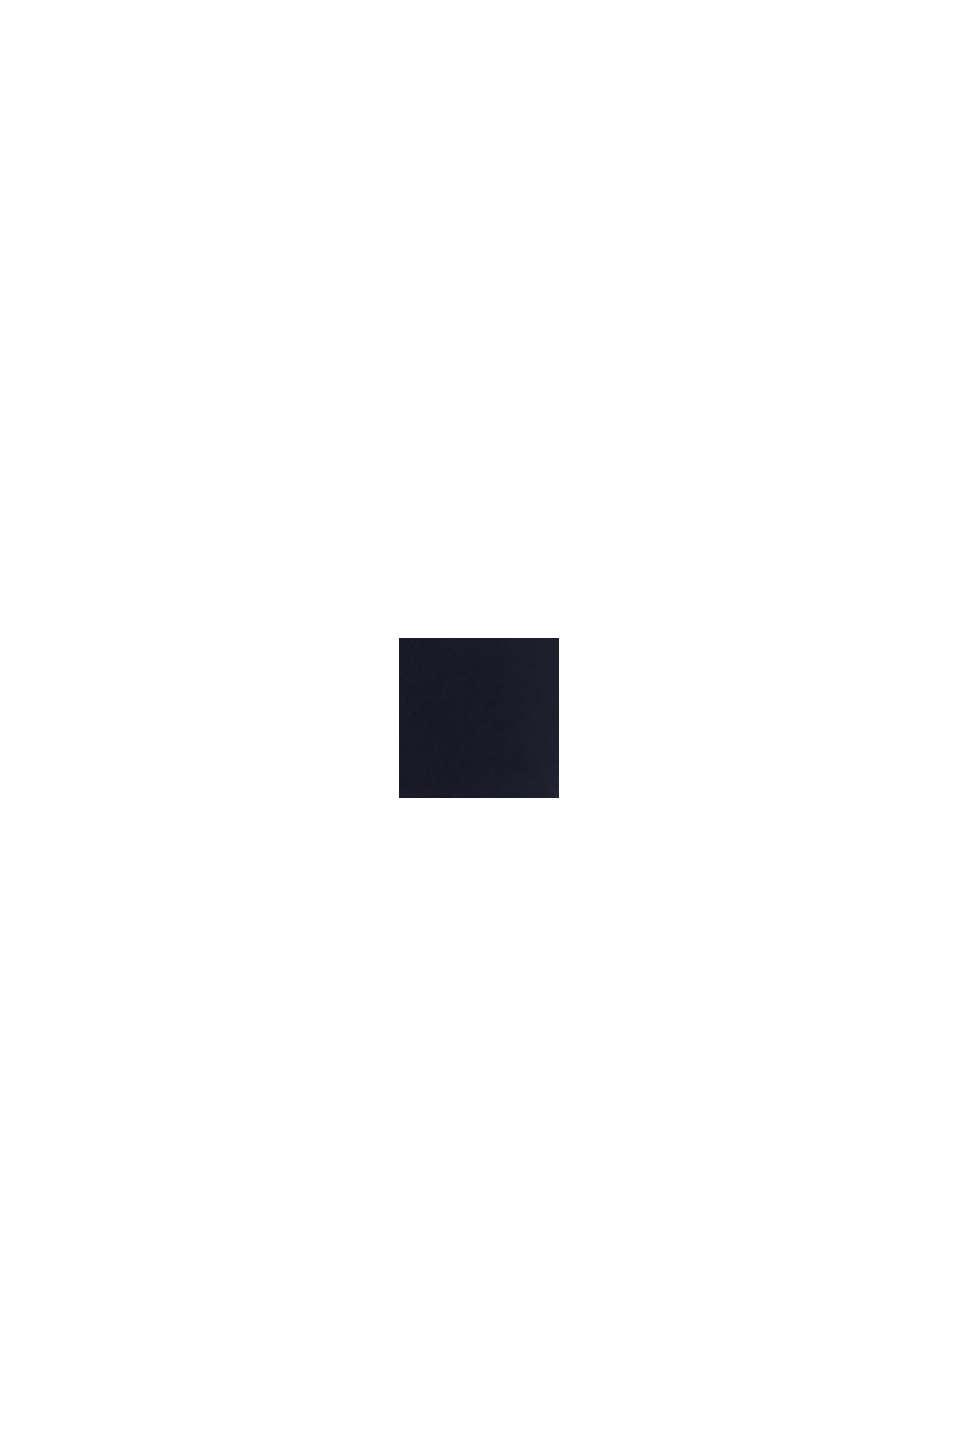 Reggiseno imbottito con ferretto per coppe grandi, BLACK, swatch